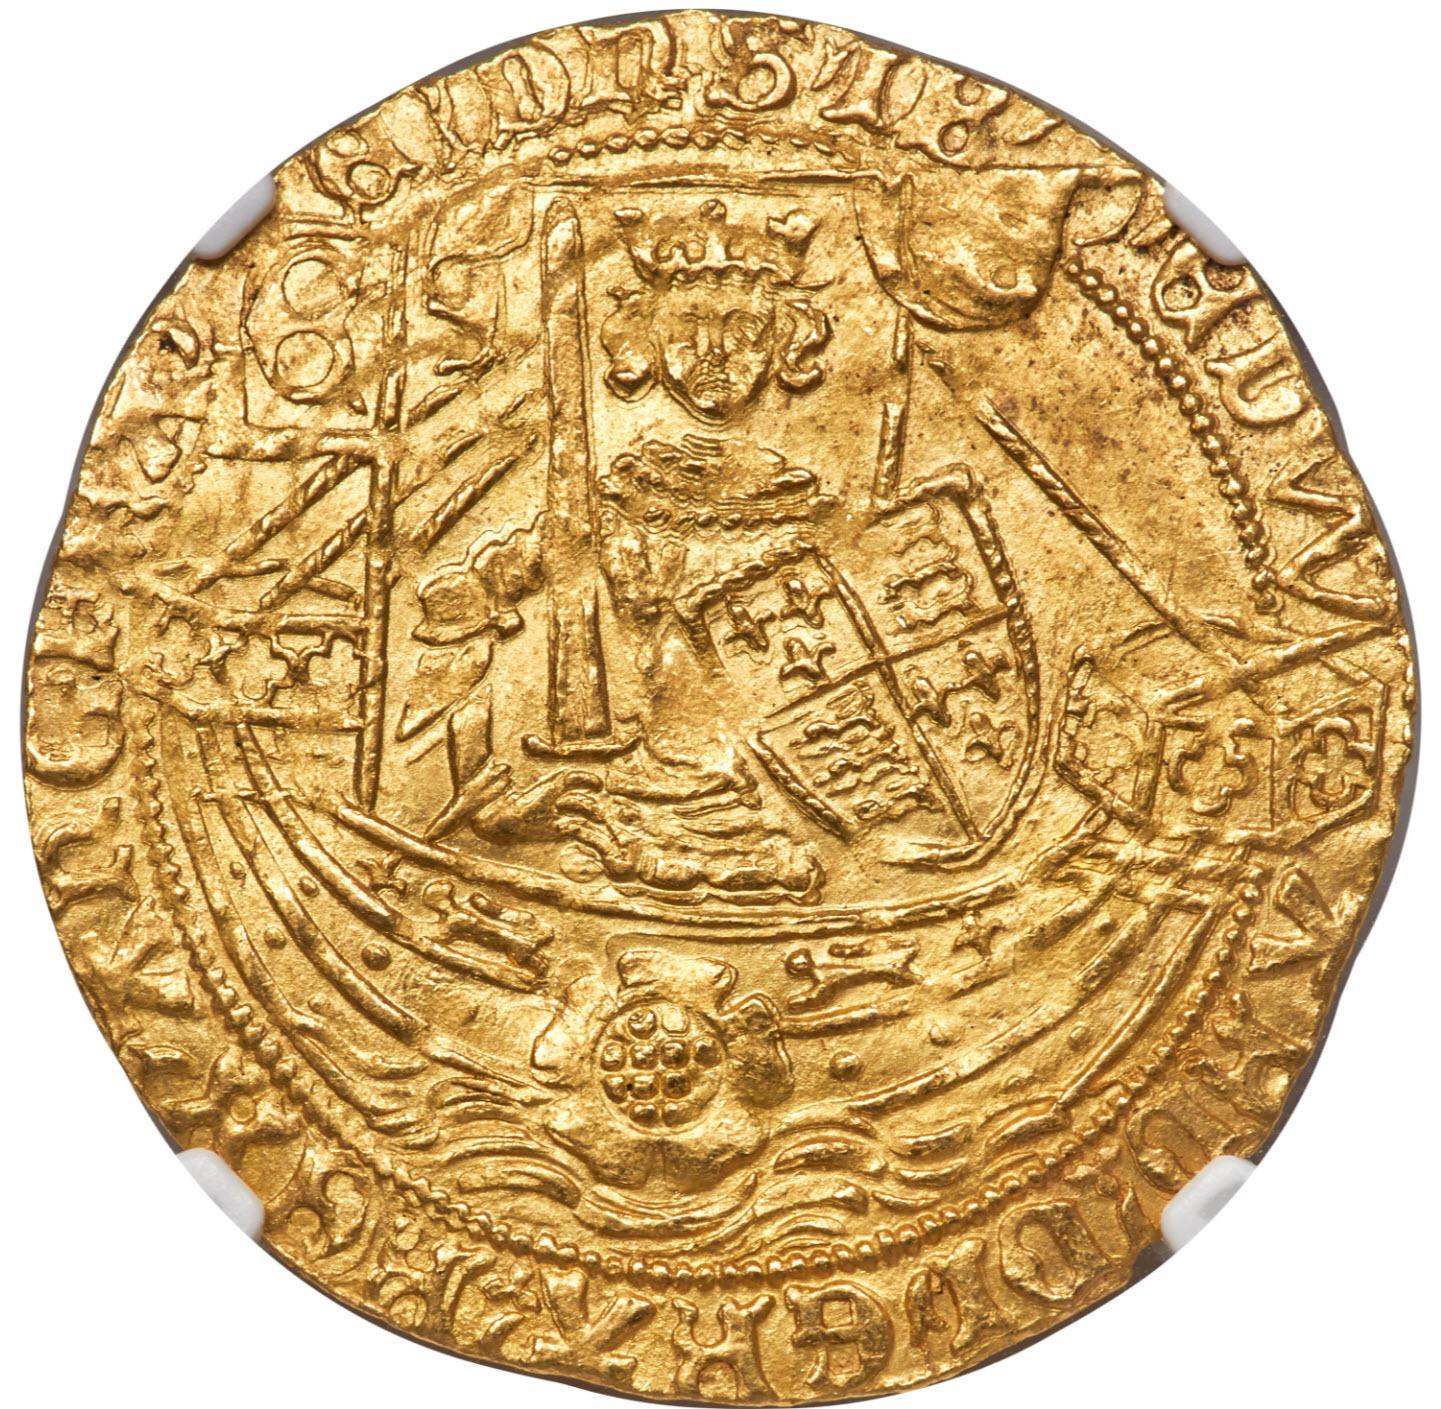 アンティークコイン・オランダ・ローズノーブル金貨 ND(1590-1593) MS64 NGC